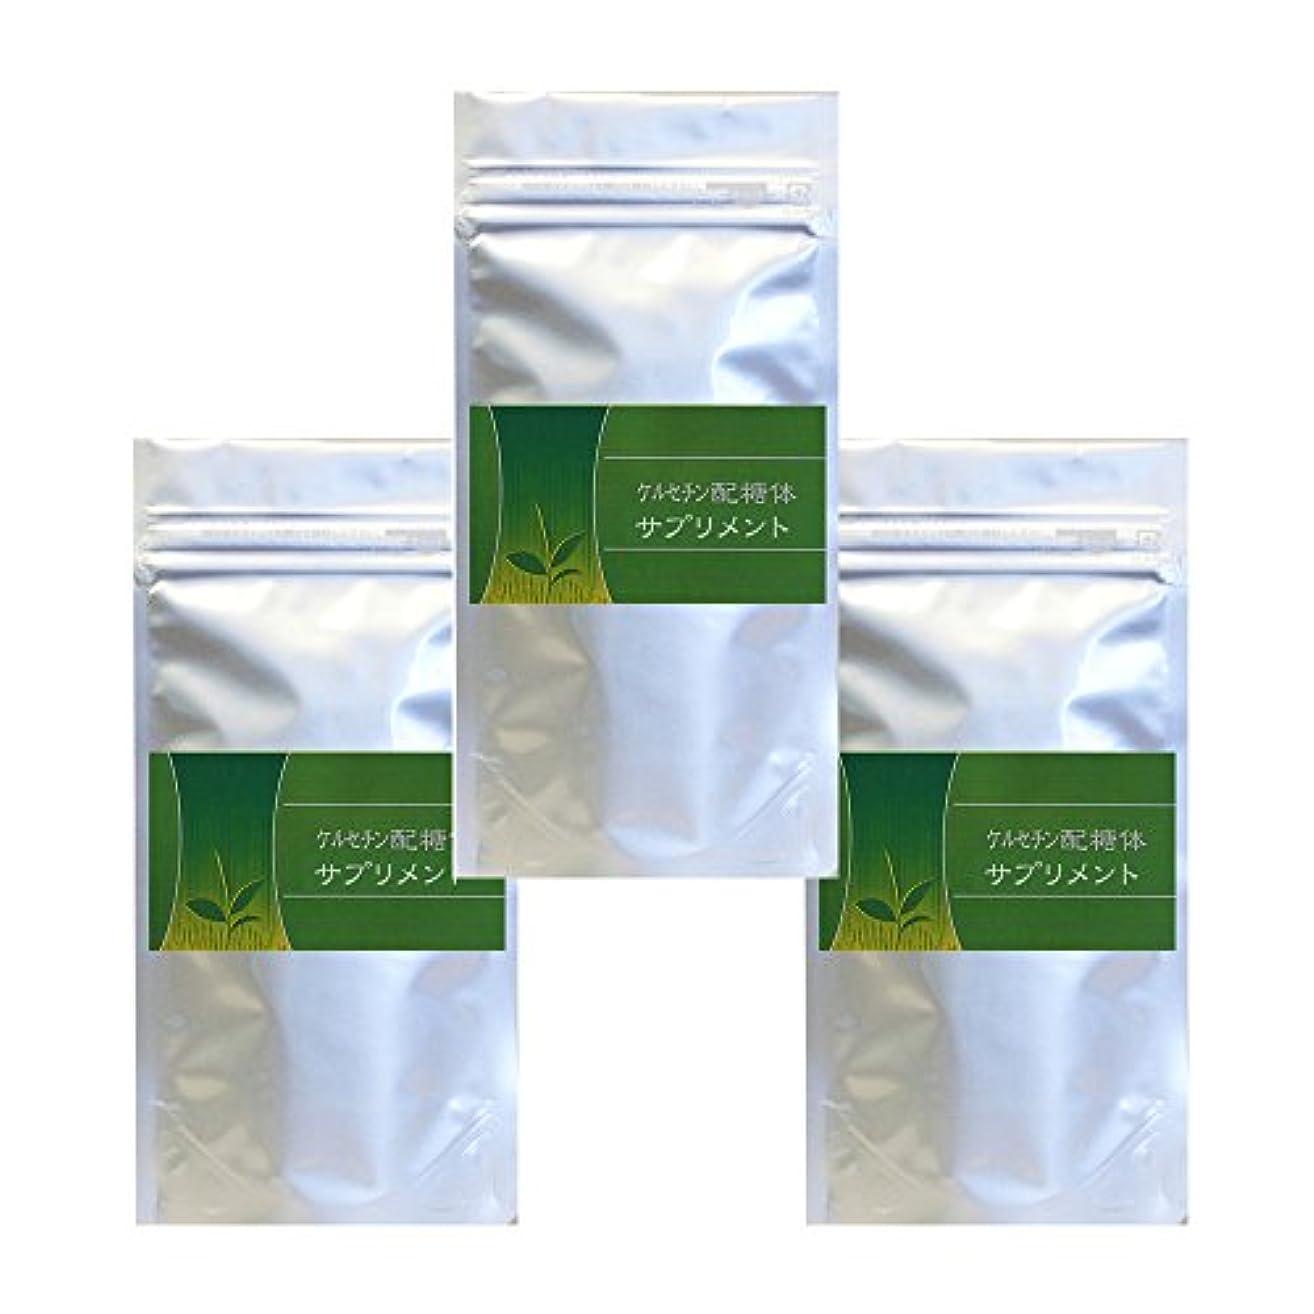 この同化するブランクケルセチン配糖体サプリメント90粒(約1ヶ月分)×3個